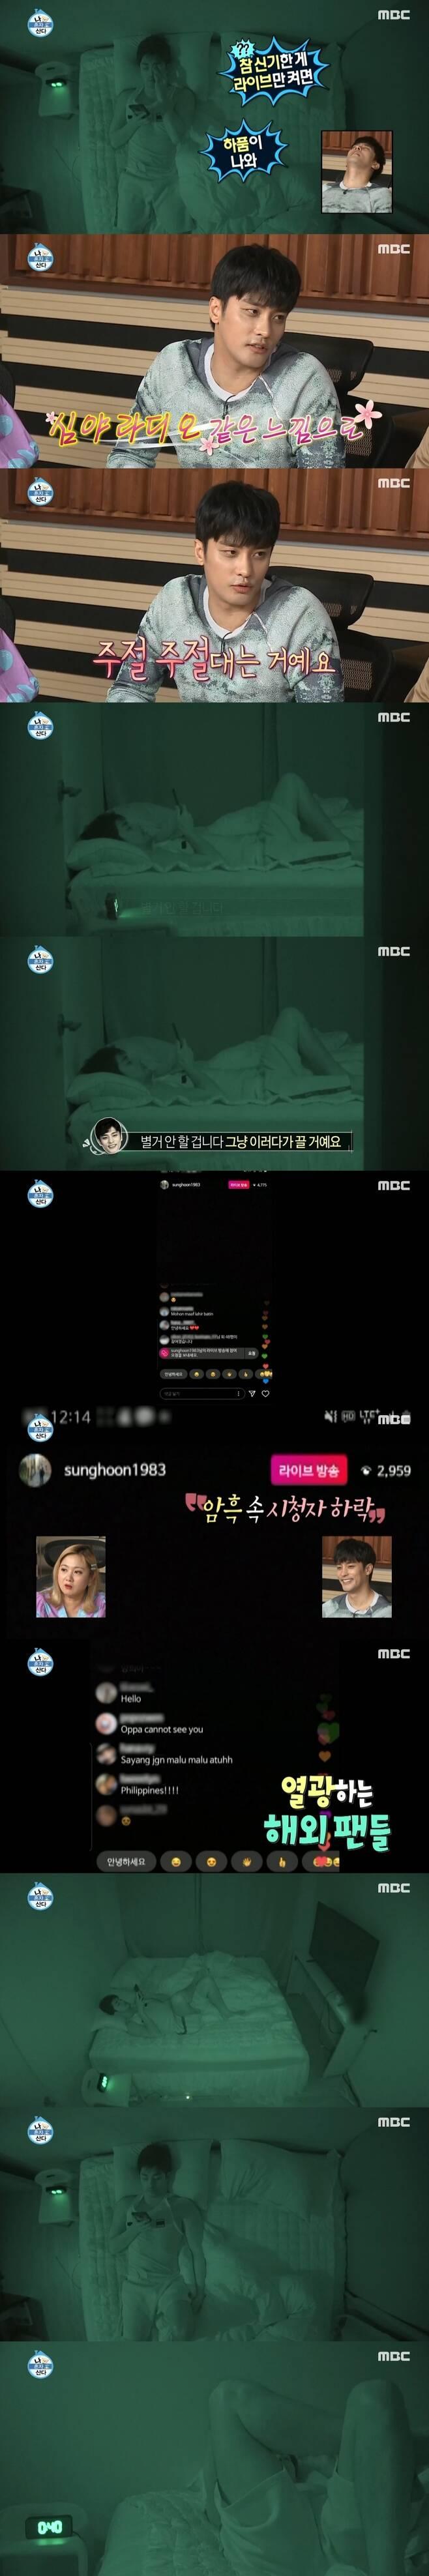 ▲ 성훈. 출처 MBC '나 혼자 산다' 방송화면 캡처